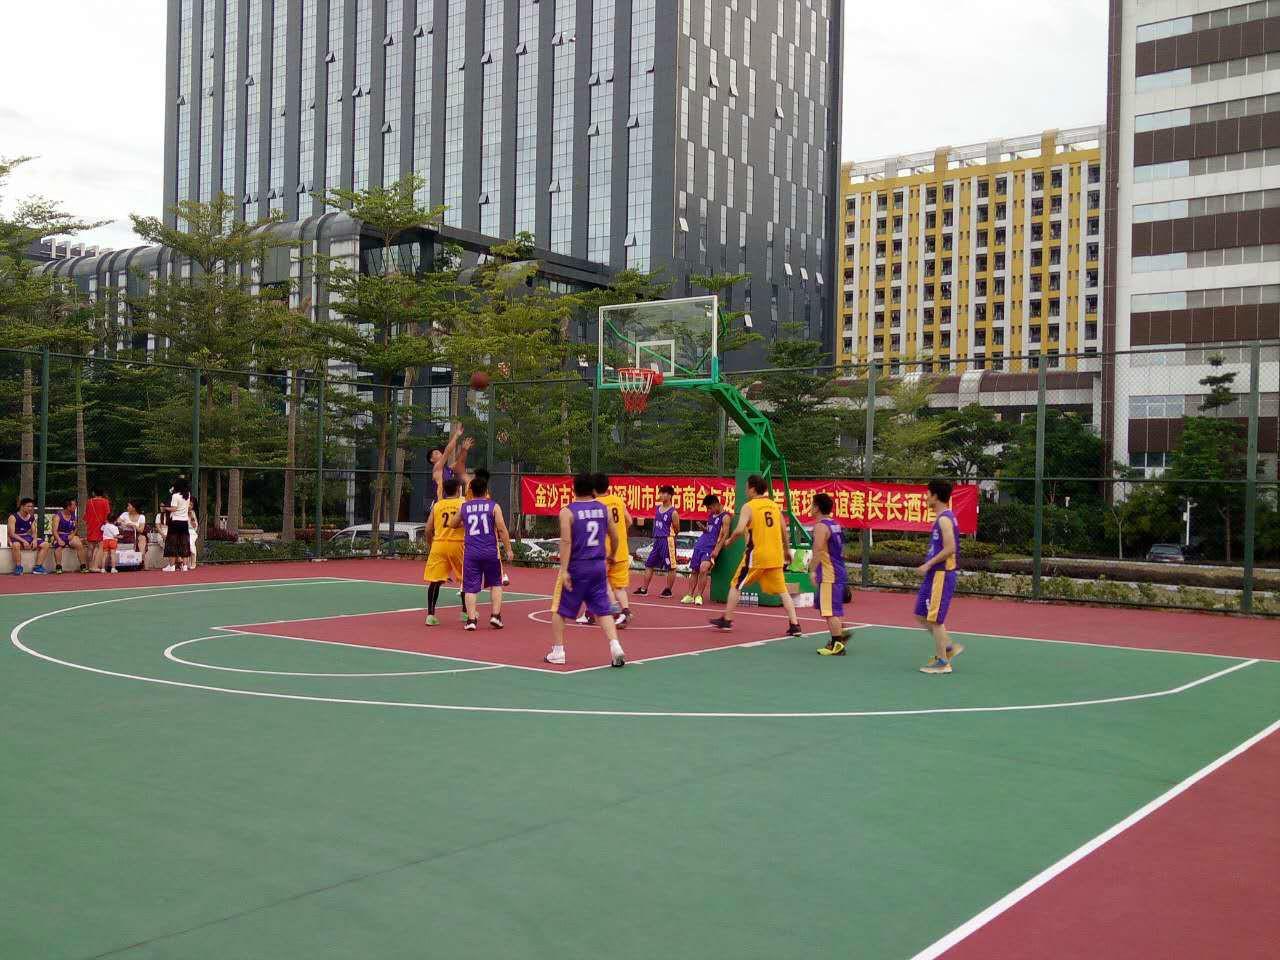 龙师动态|龙师广告VS深圳市贵州毕节商会篮球友赛